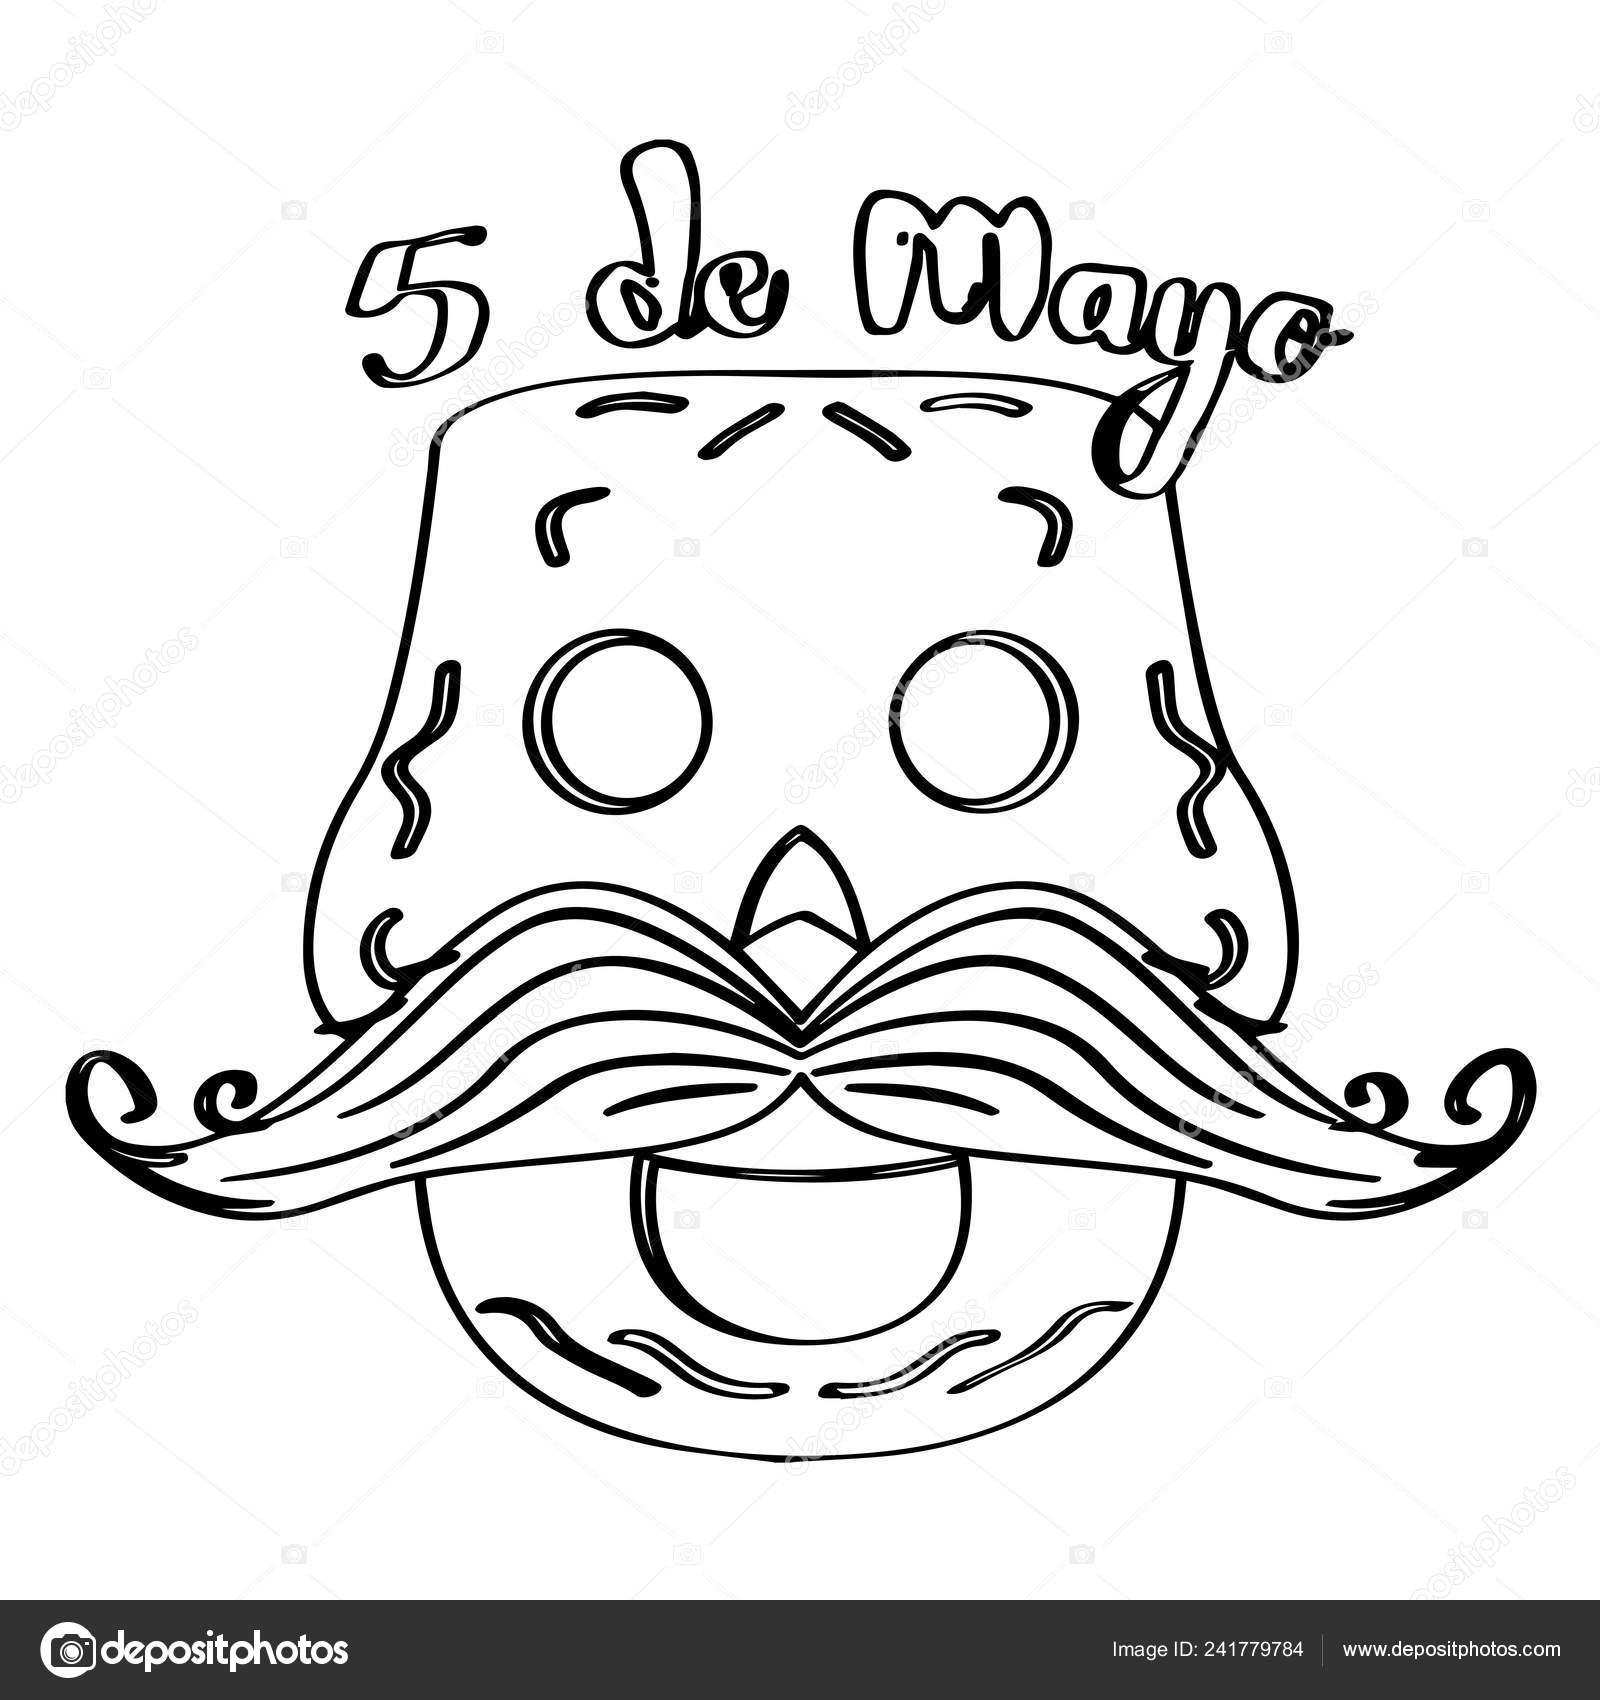 Desenho De Uma Caveira Mexicana Feliz Cinco De Mayo Vetores De